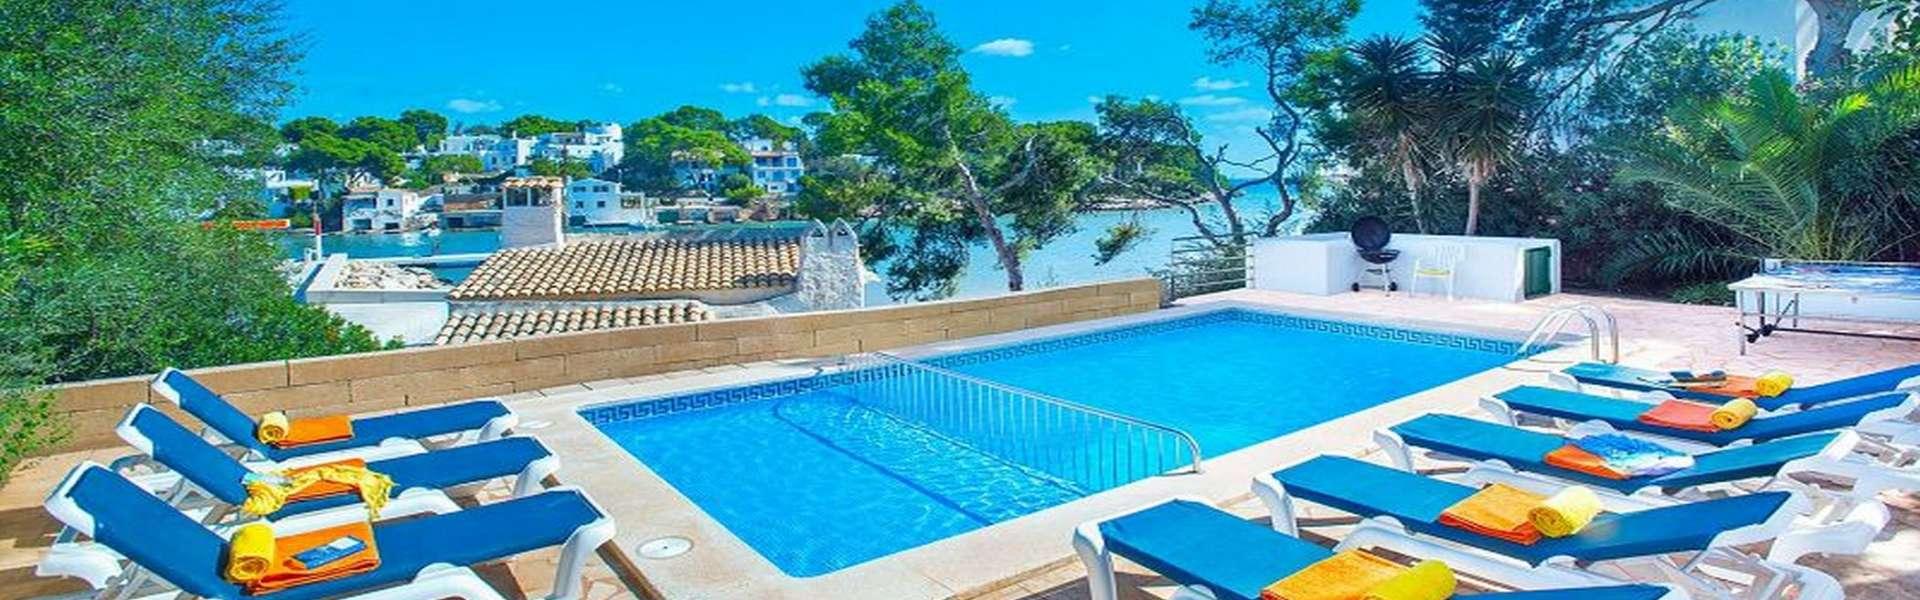 Villa con licencia de alquiler vacacional y magníficas vistas al puerto deportivo de Cala d'Or